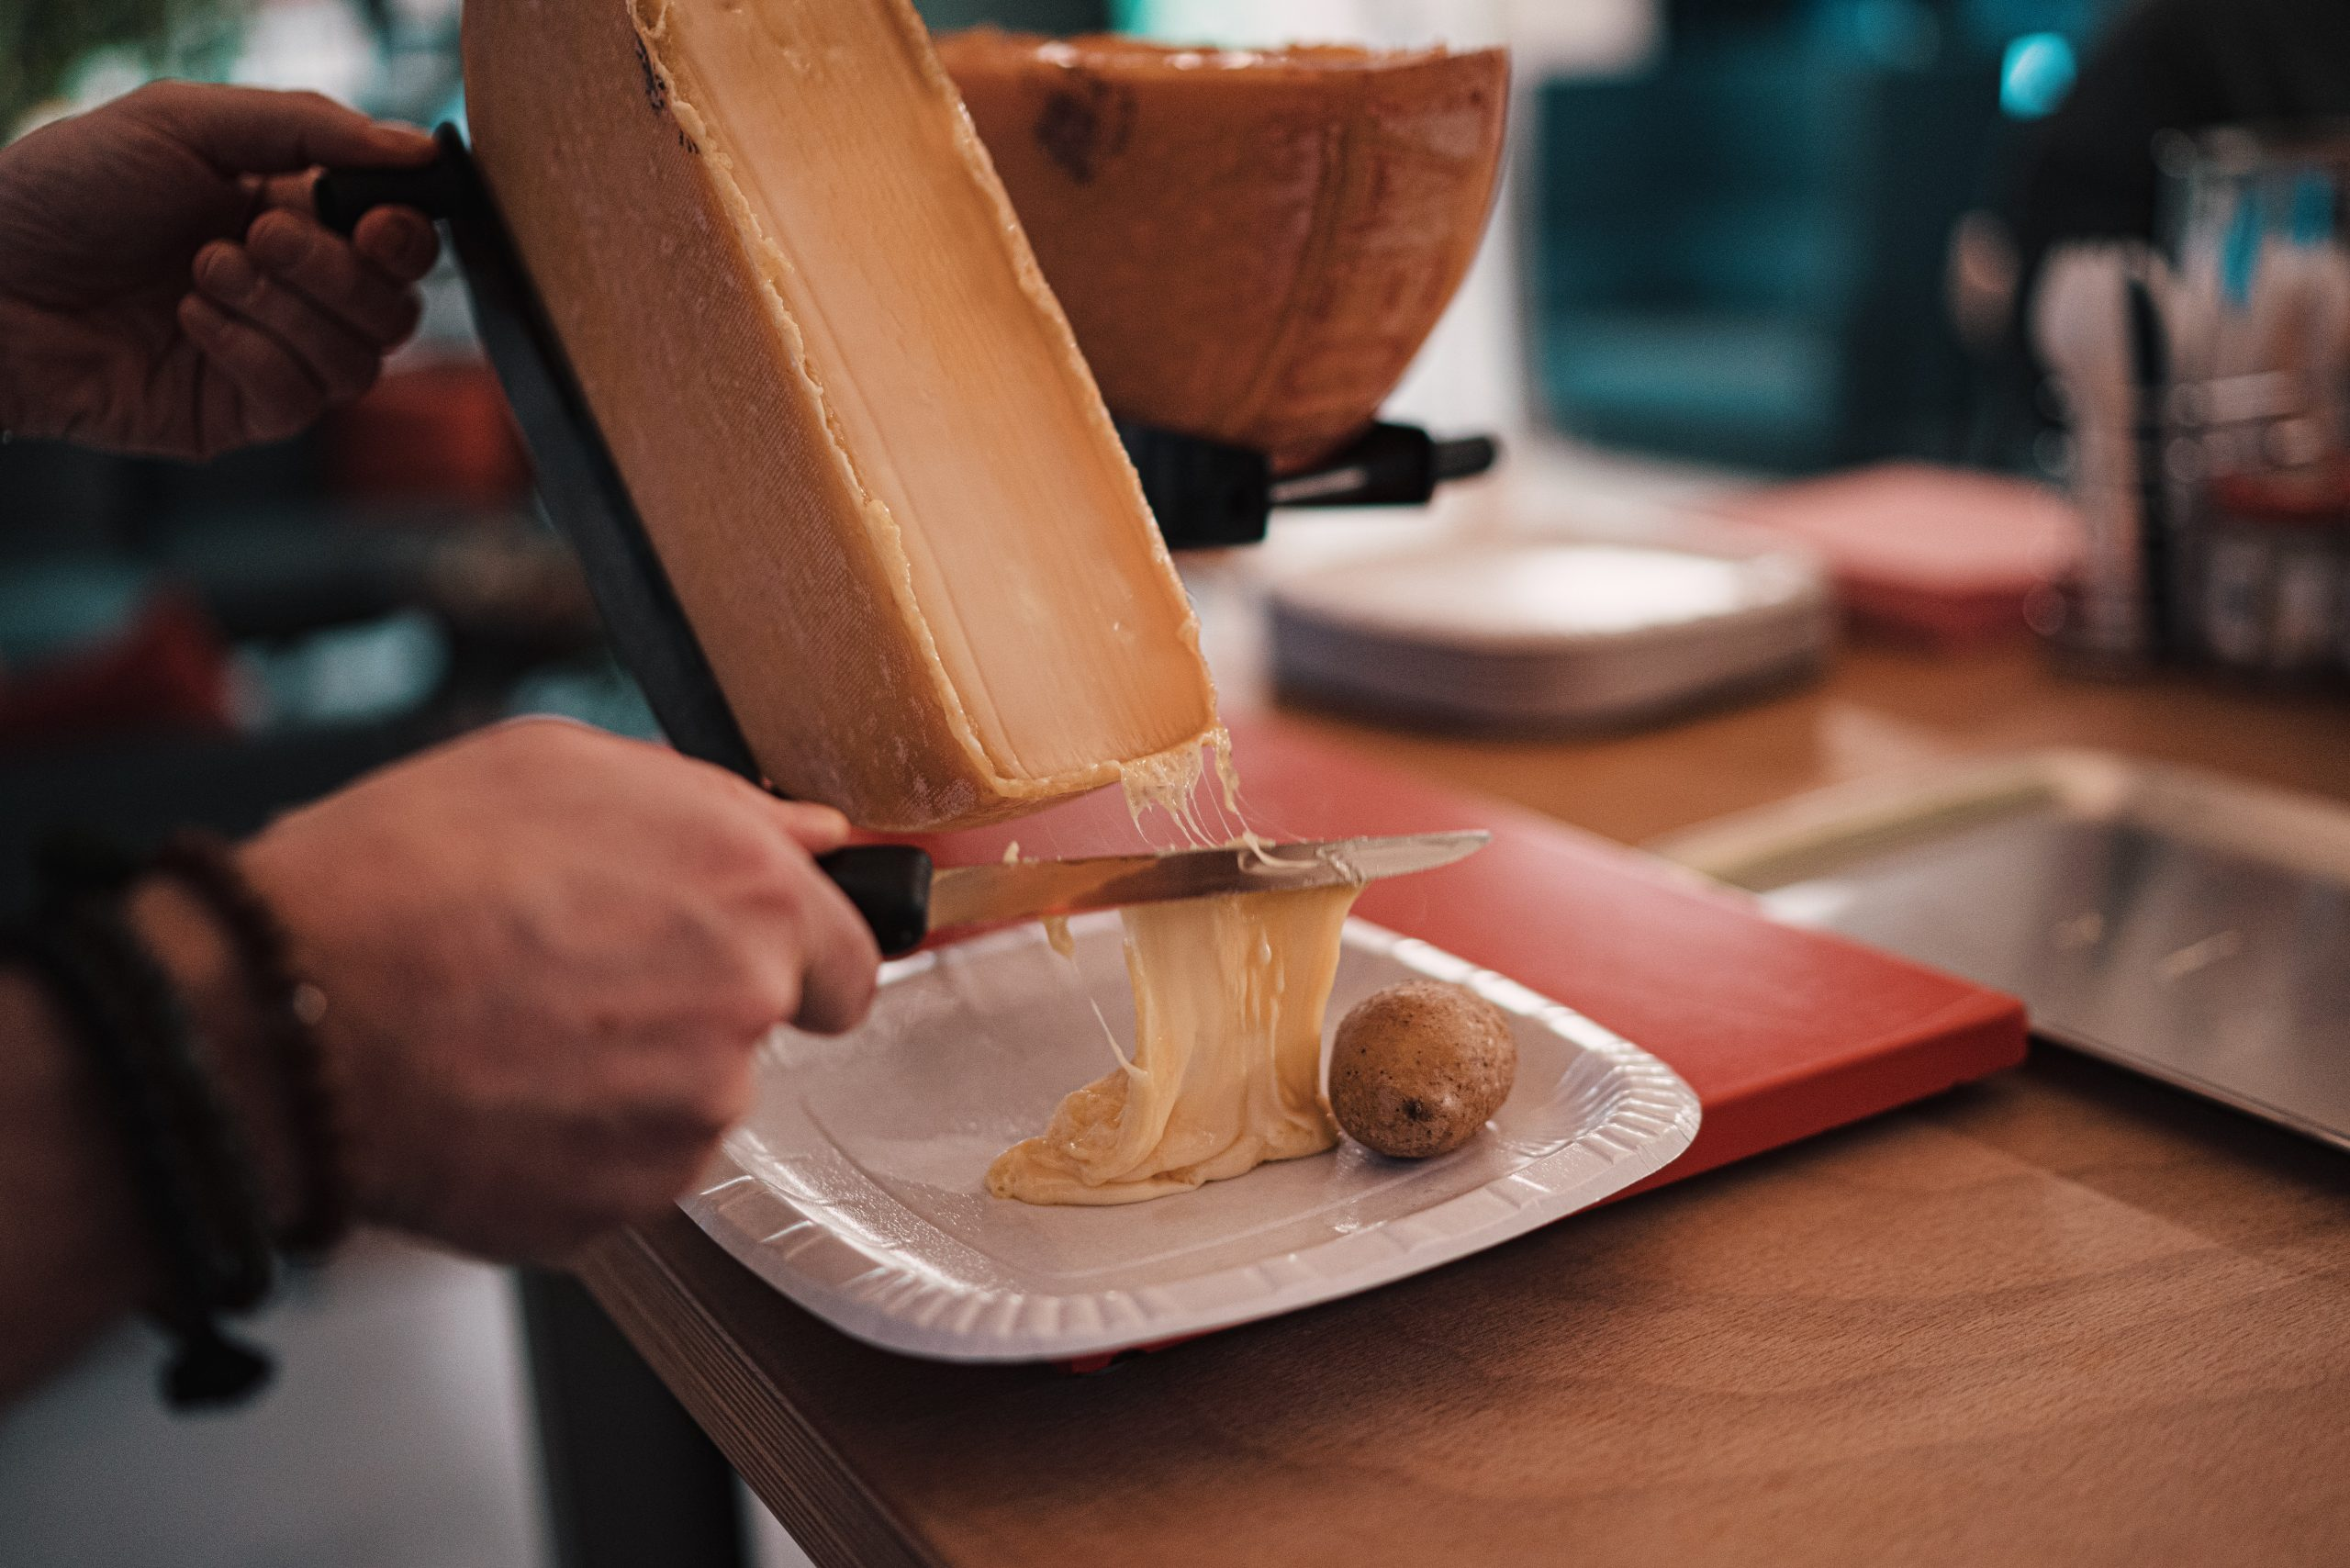 raclette à liège - unsplash - claudio schwarz